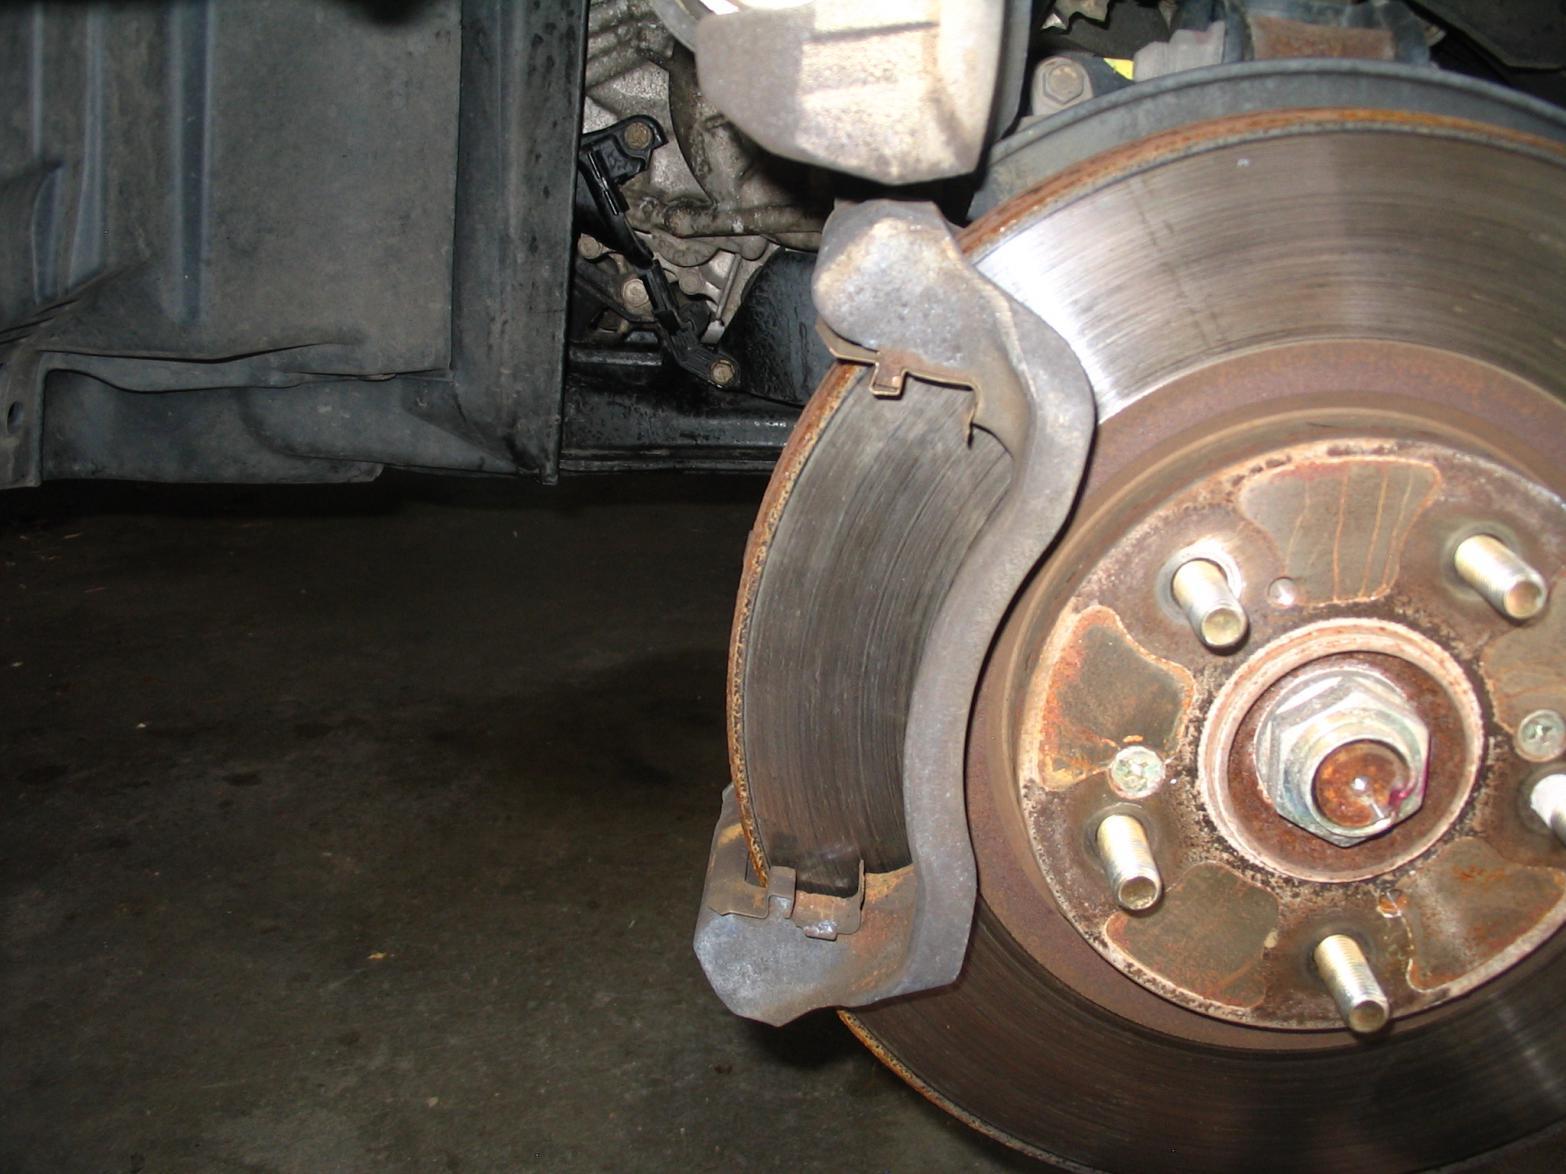 2003 Pilot 111k Front Brake Pad Replacement   Honda Pilot   Honda Pilot  Forums